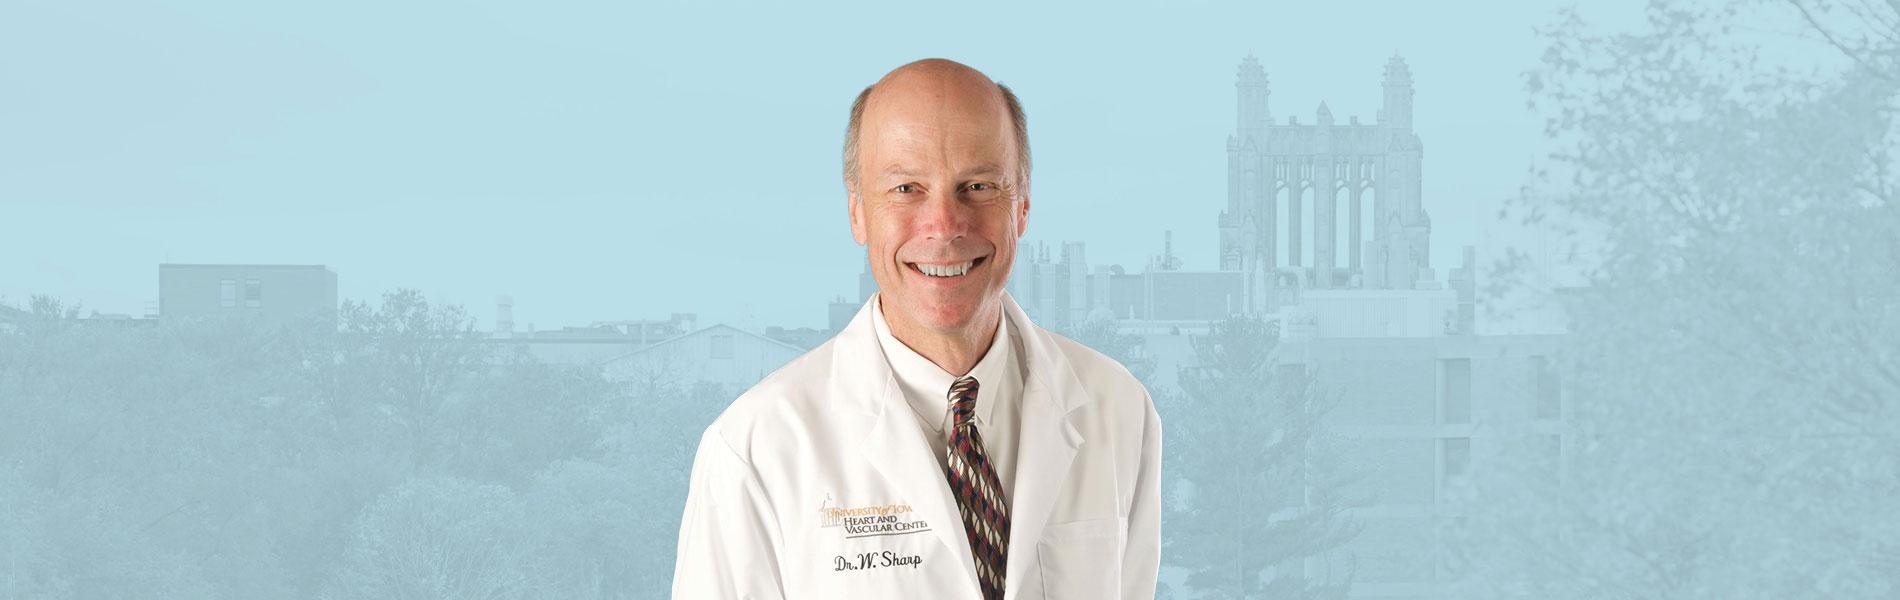 Dr. Sharp banner for 2019 award